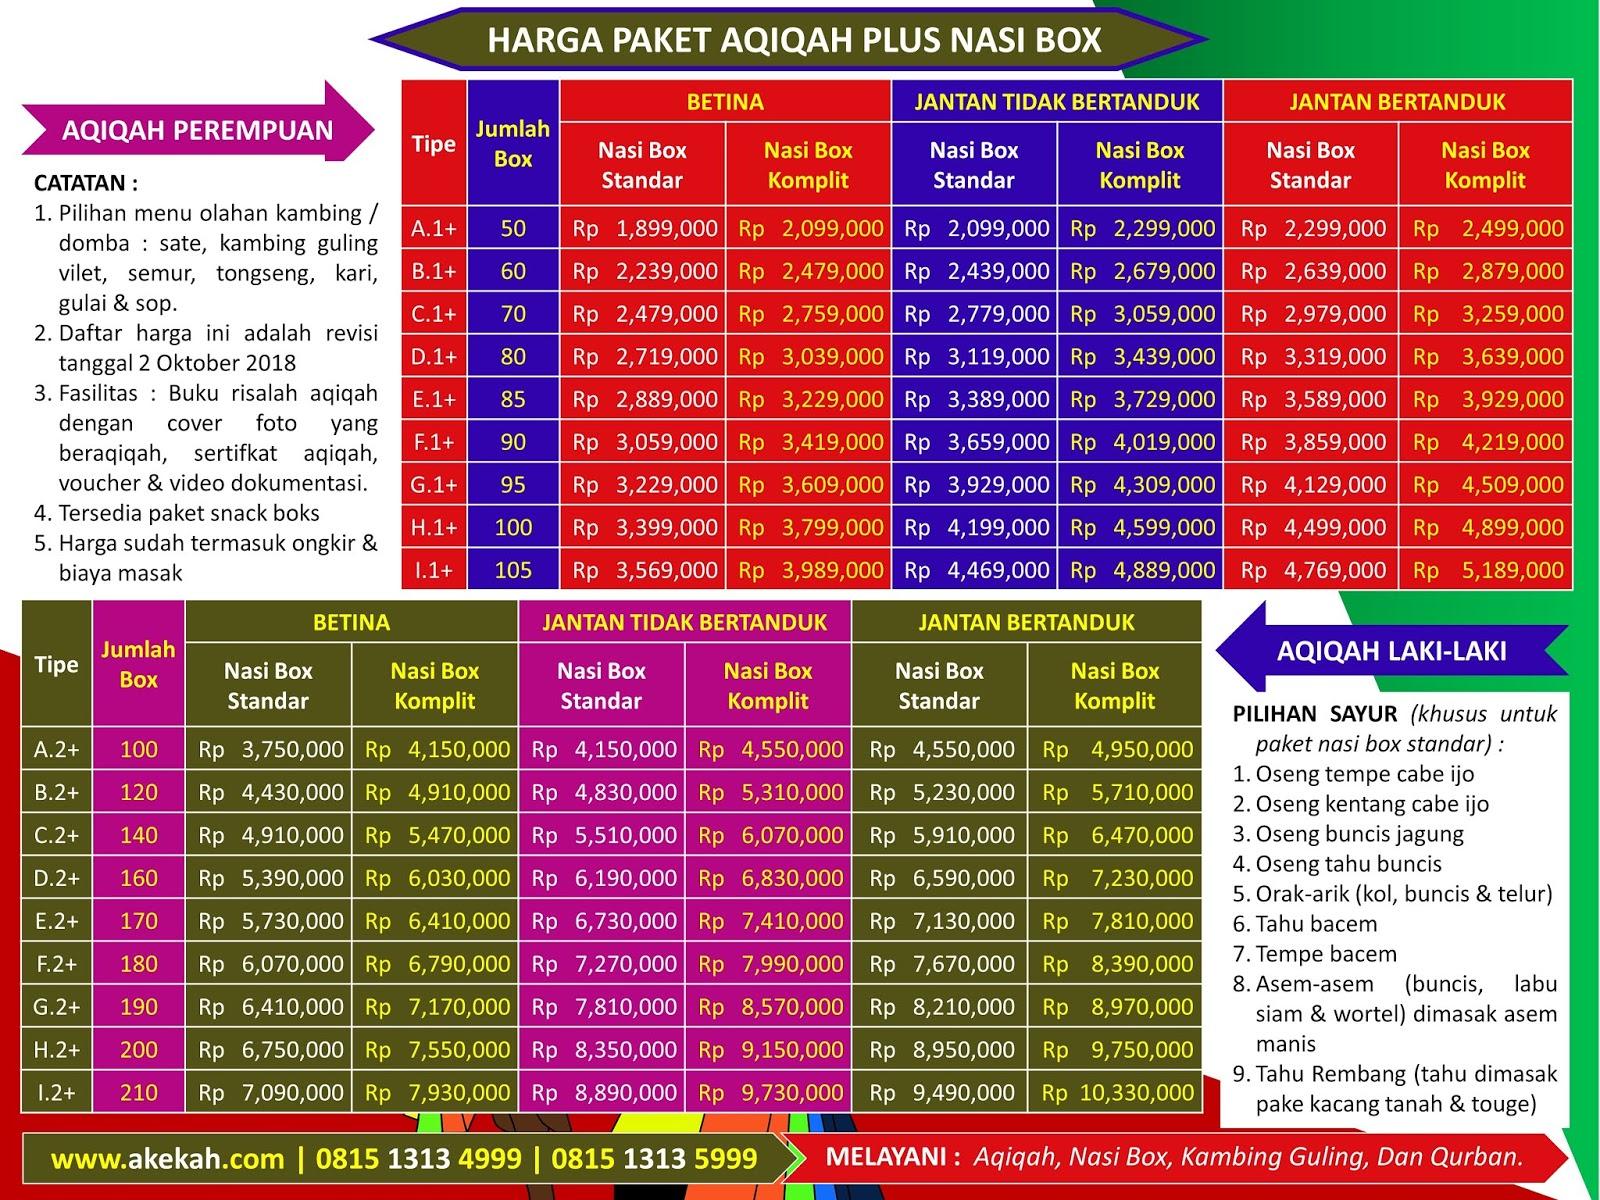 Jasa Aqiqah & Catering Plus Untuk Anak Laki-Laki Daerah Bogor